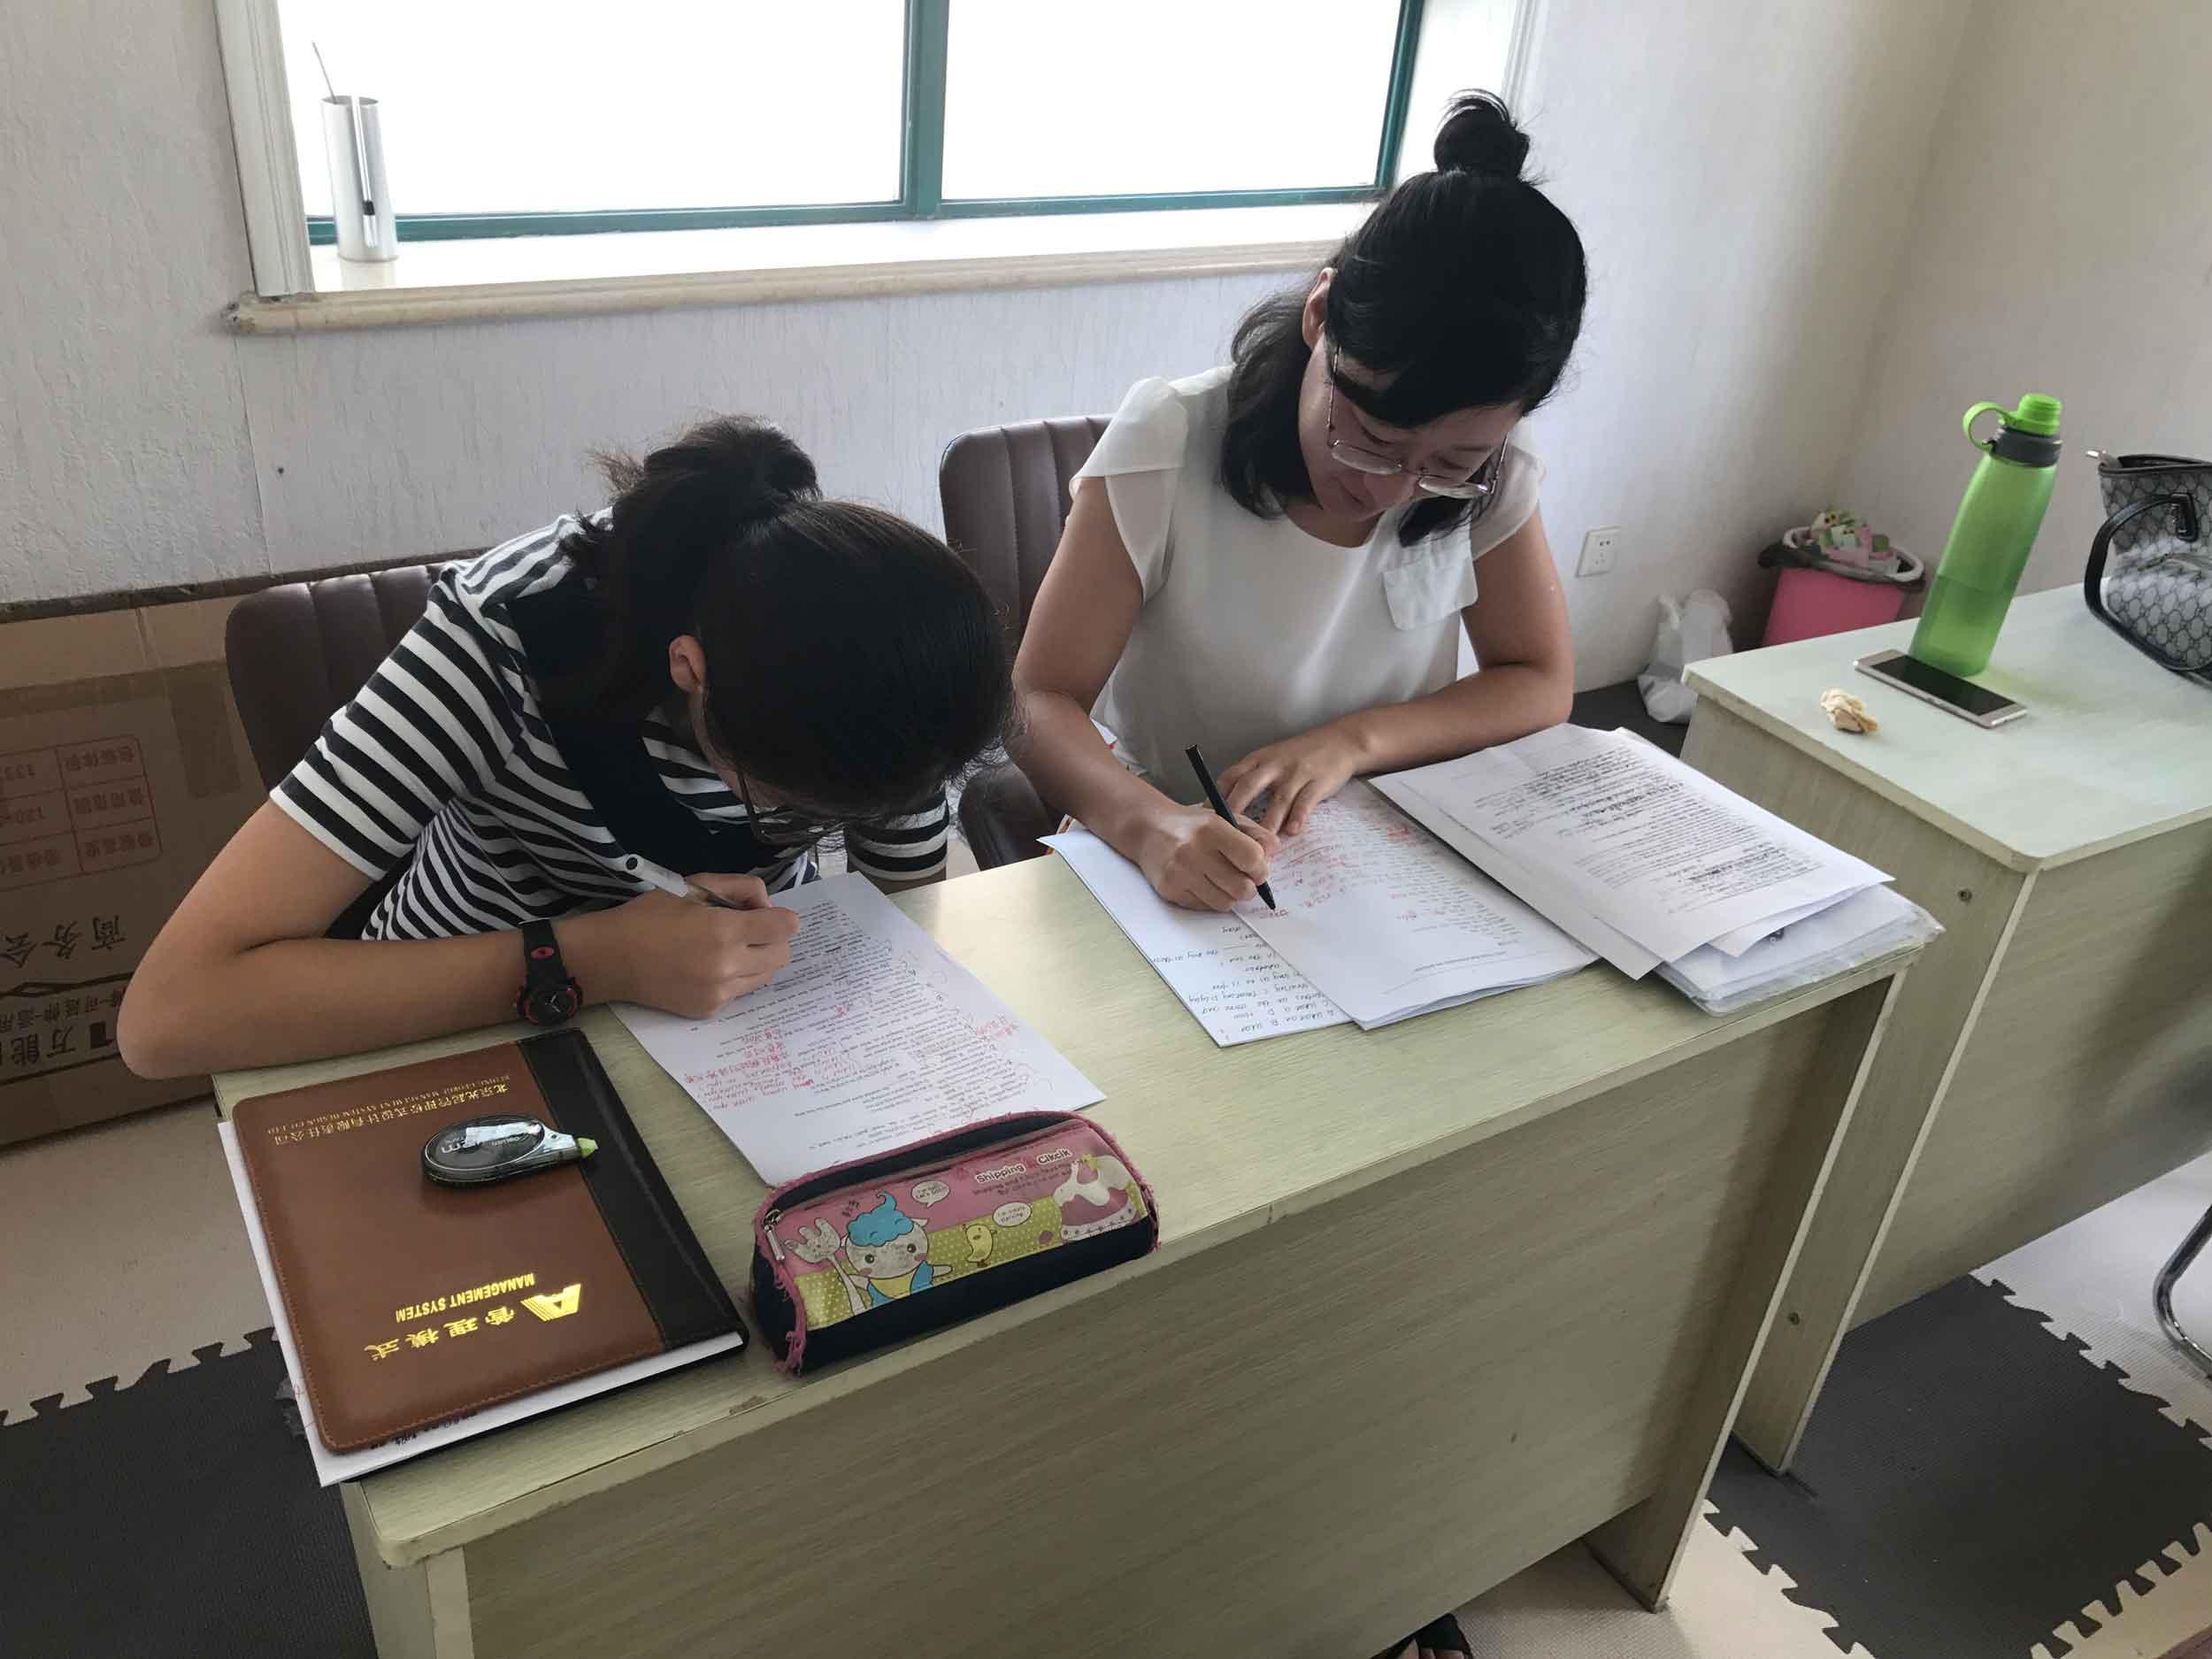 青島有保障的托管班當選星空教育科技-市南托管班資訊